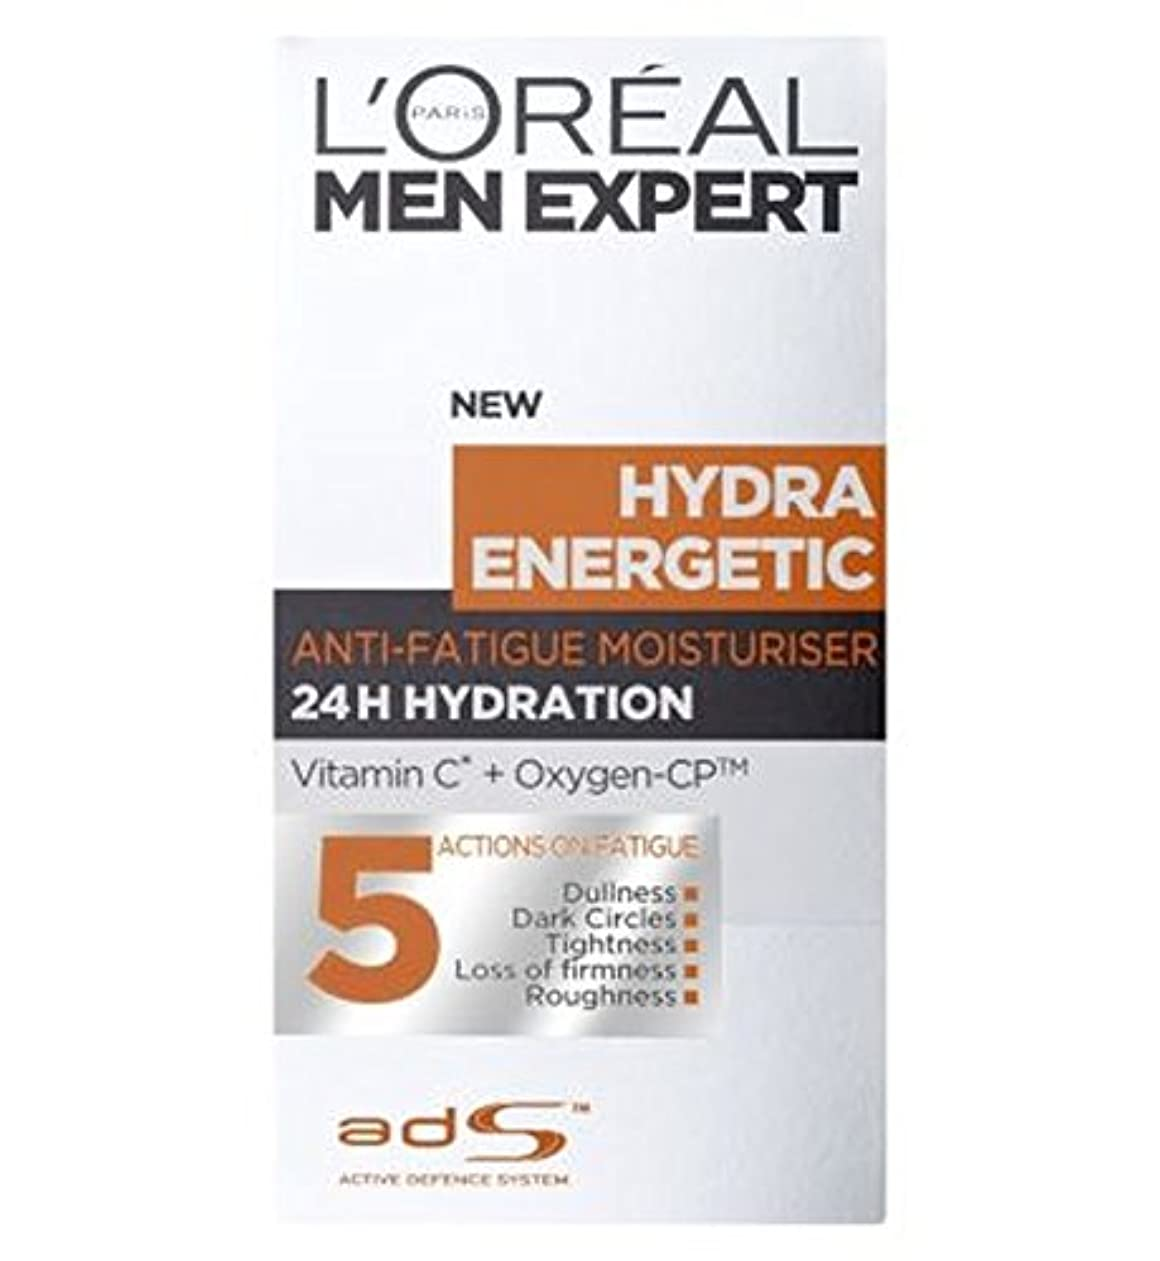 アリーナインデックスペインギリックロレアルの男性の専門家ヒドラエネルギッシュな毎日の保湿クリーム50Ml (L'Oreal) (x2) - L'Oreal Men Expert Hydra Energetic Daily Moisturiser 50ml...